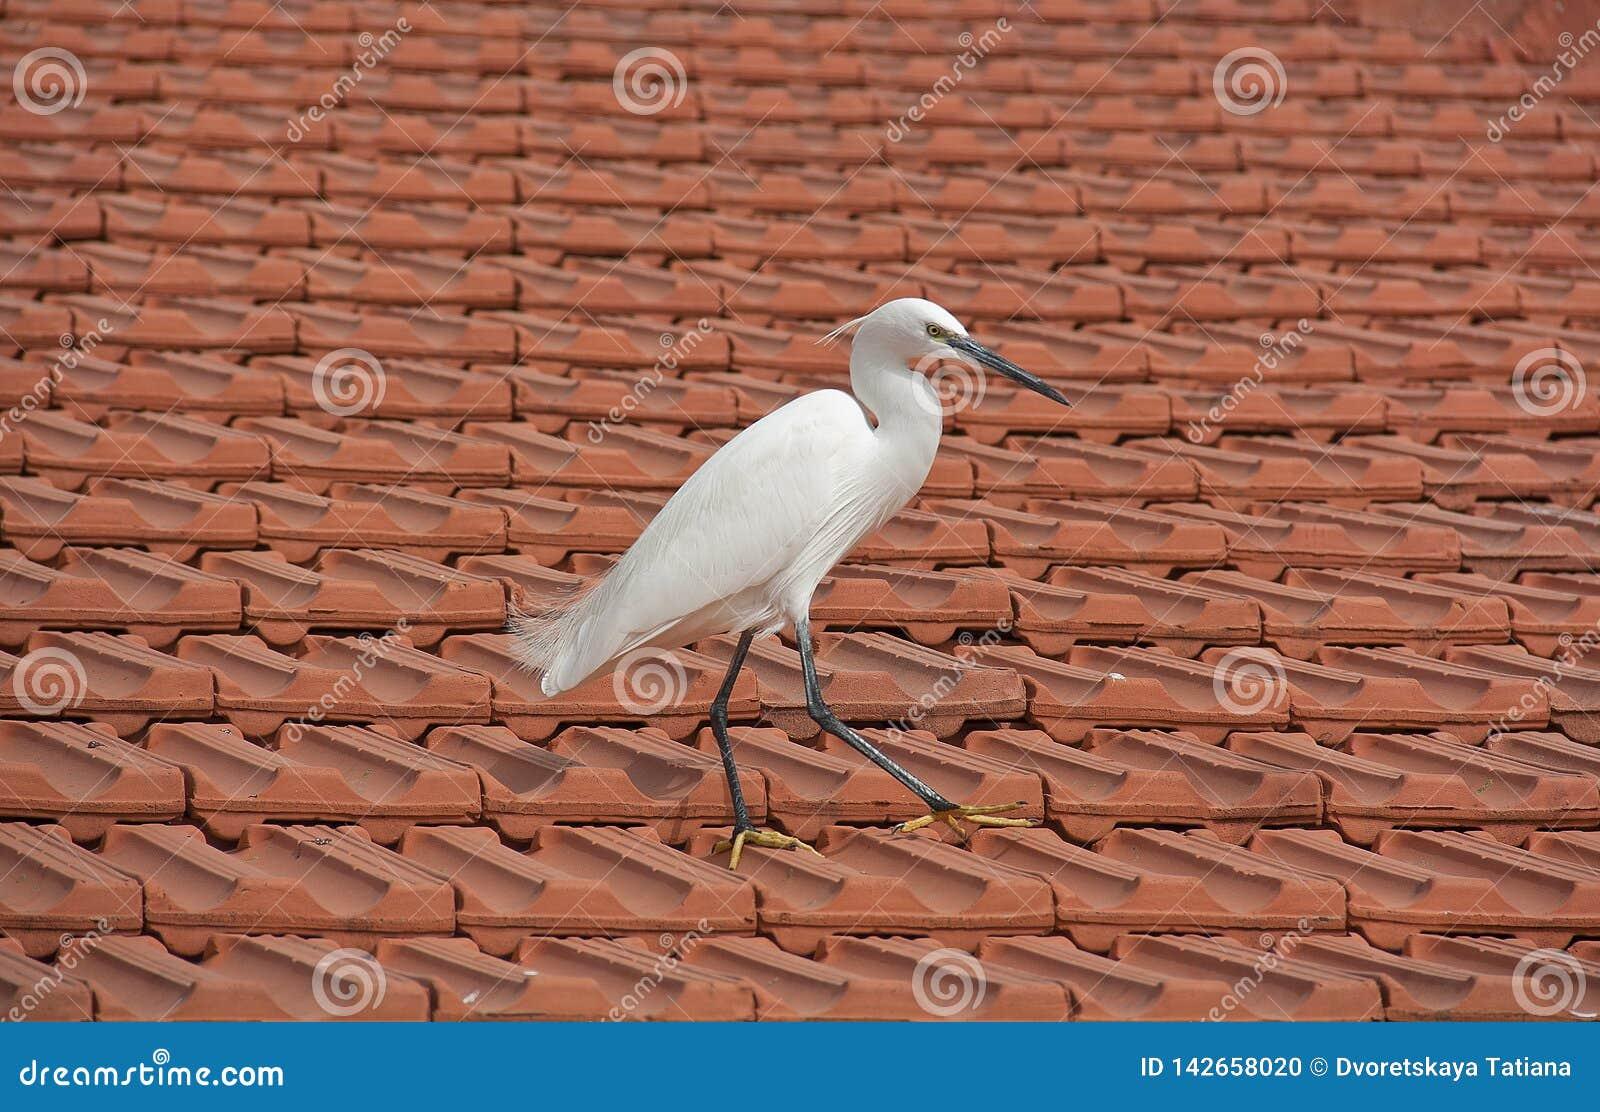 Pasos blancos de la garza en el tejado tejado